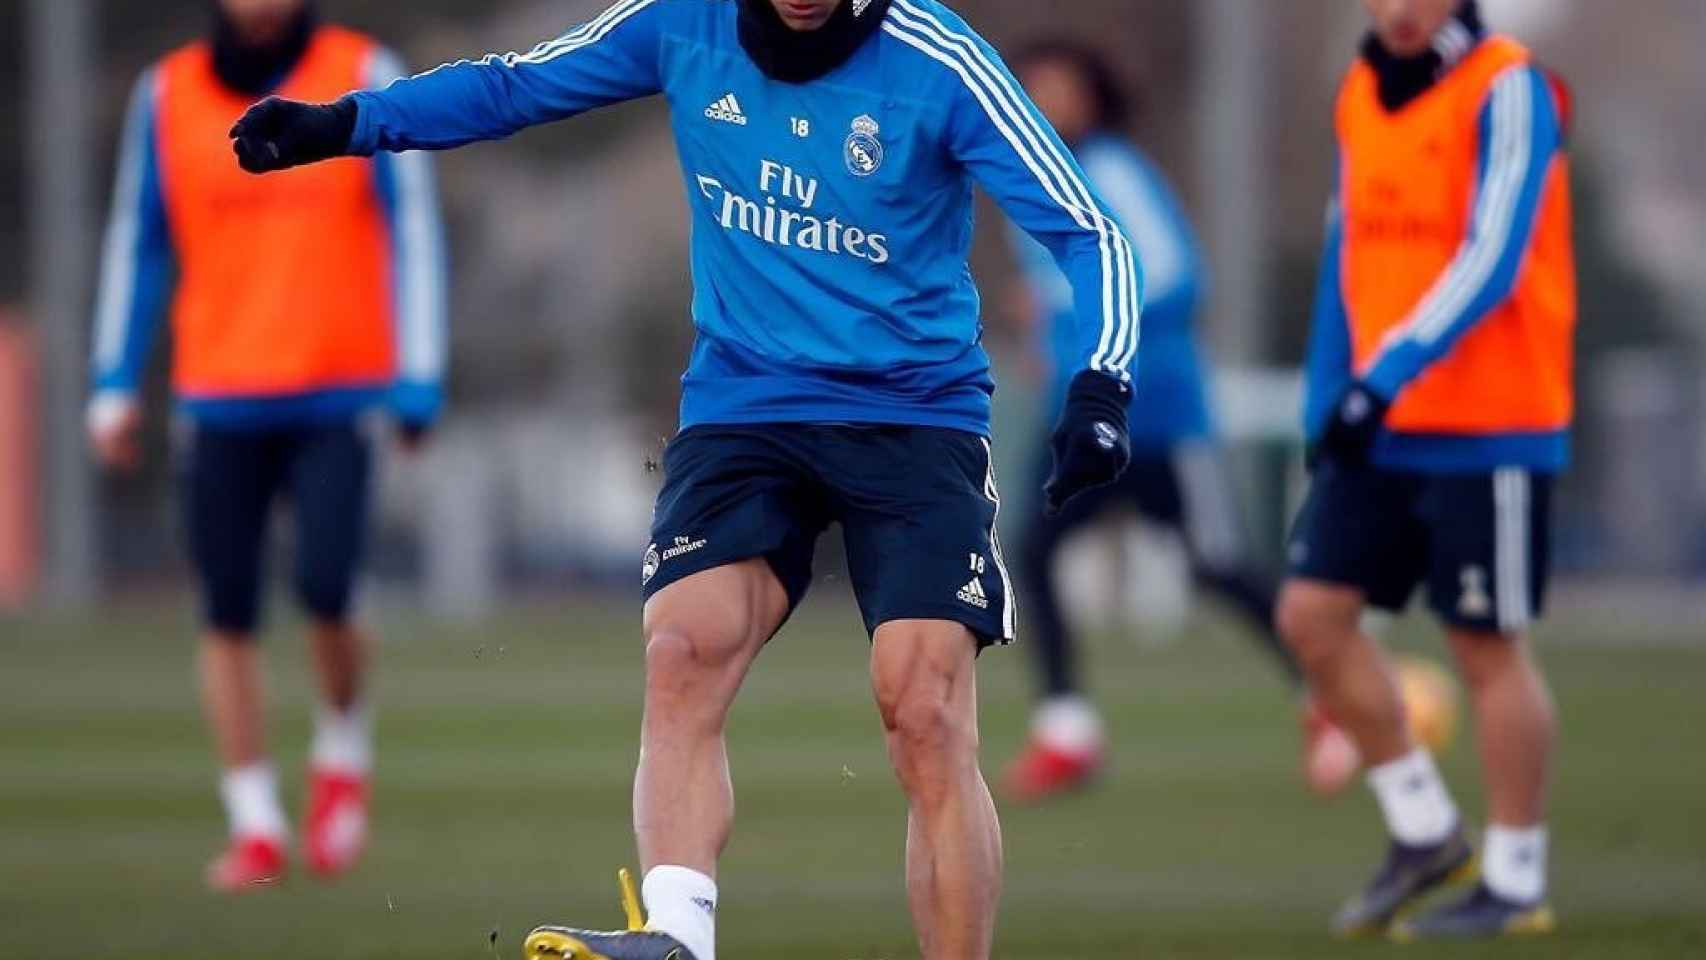 Marcos Llorente, en un entrenamiento del Real Madrid. Foto: Twitter (@marcos llorente)